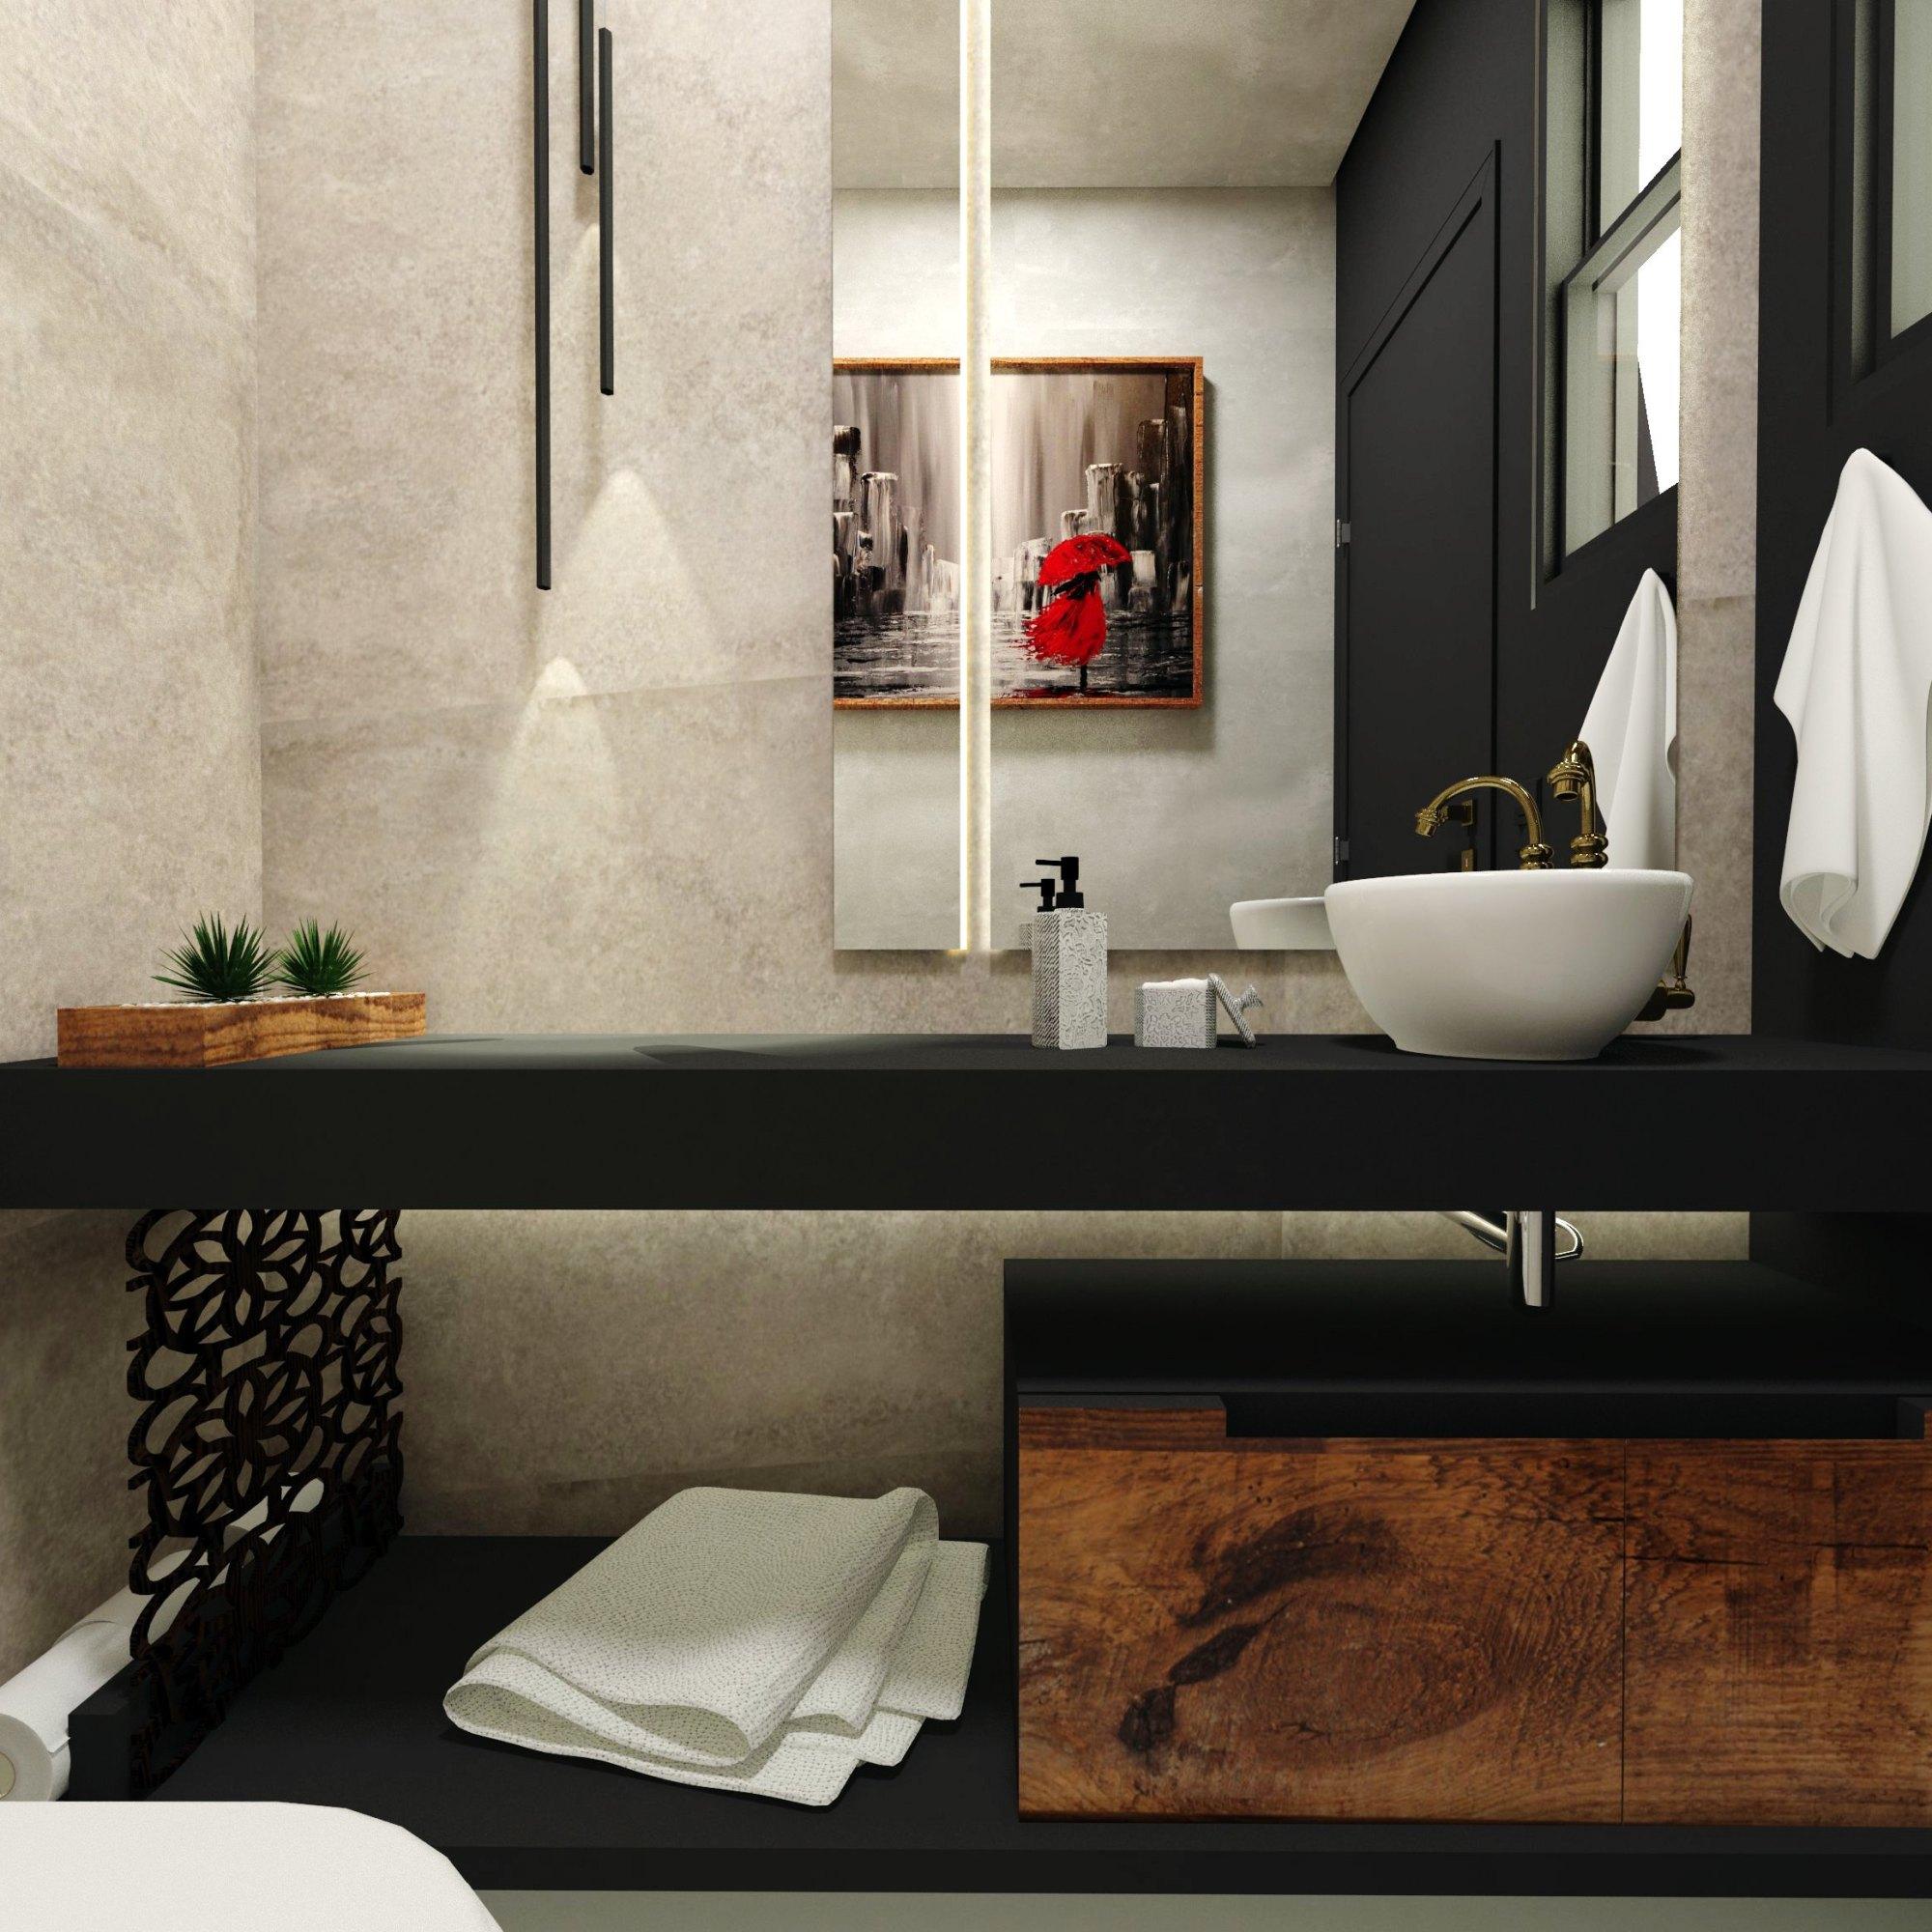 Lavabo moderno preto e cimento - Design e decoração de interiores em Curitiba - projeto lavabo